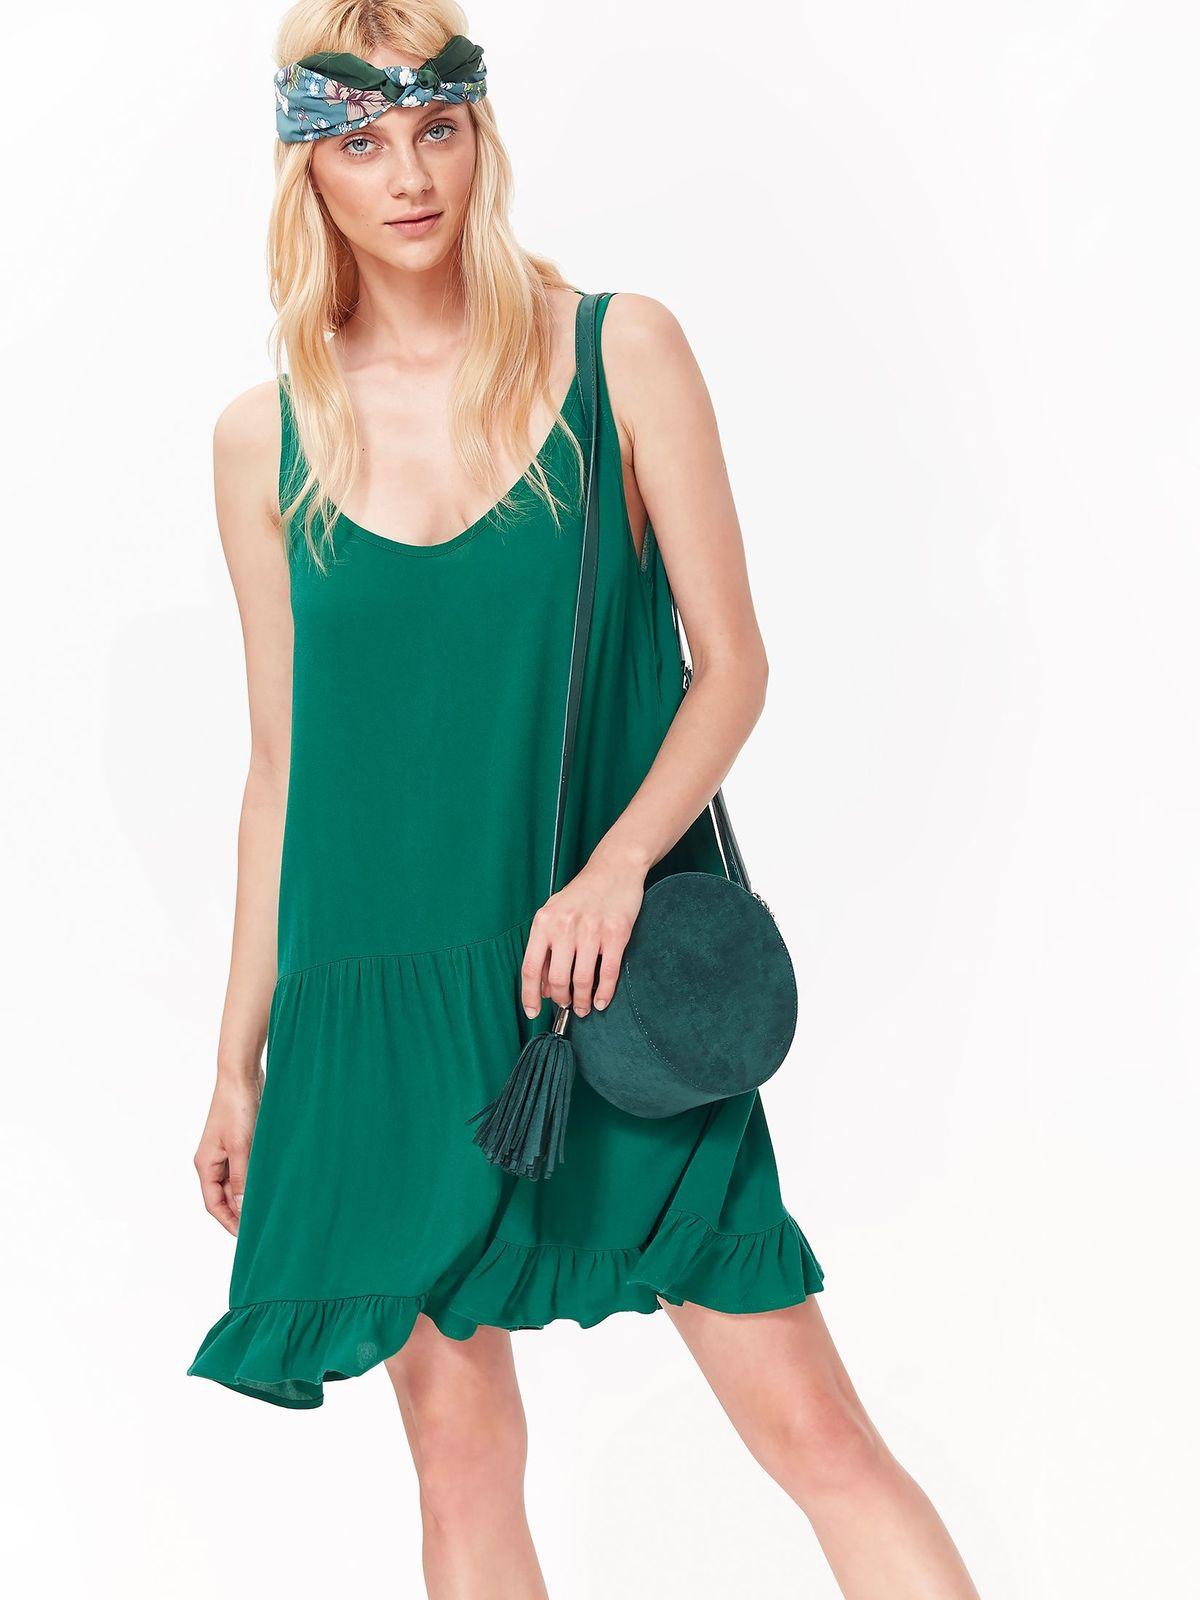 TOP SECRET top secret loose casual φορεμα  4c091e8b8d9